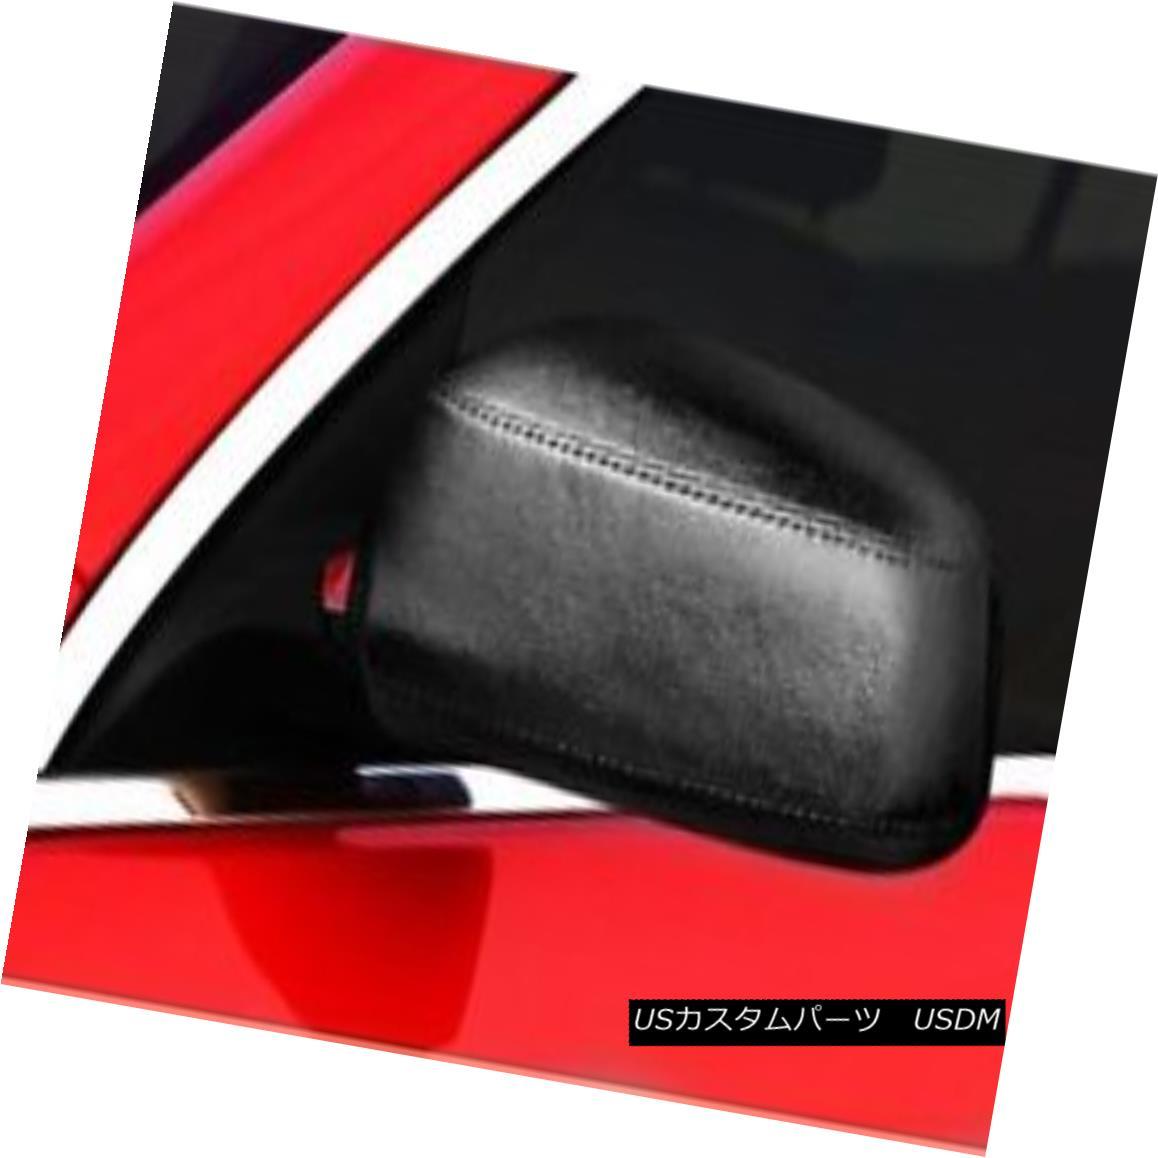 フルブラ ノーズブラ Colgan Car Mirror Covers Bra Protector Black Fits 1998-1999 Toyota Avalon コルガン車のミラーカバーは、1998年から1999年のトヨタアバロン